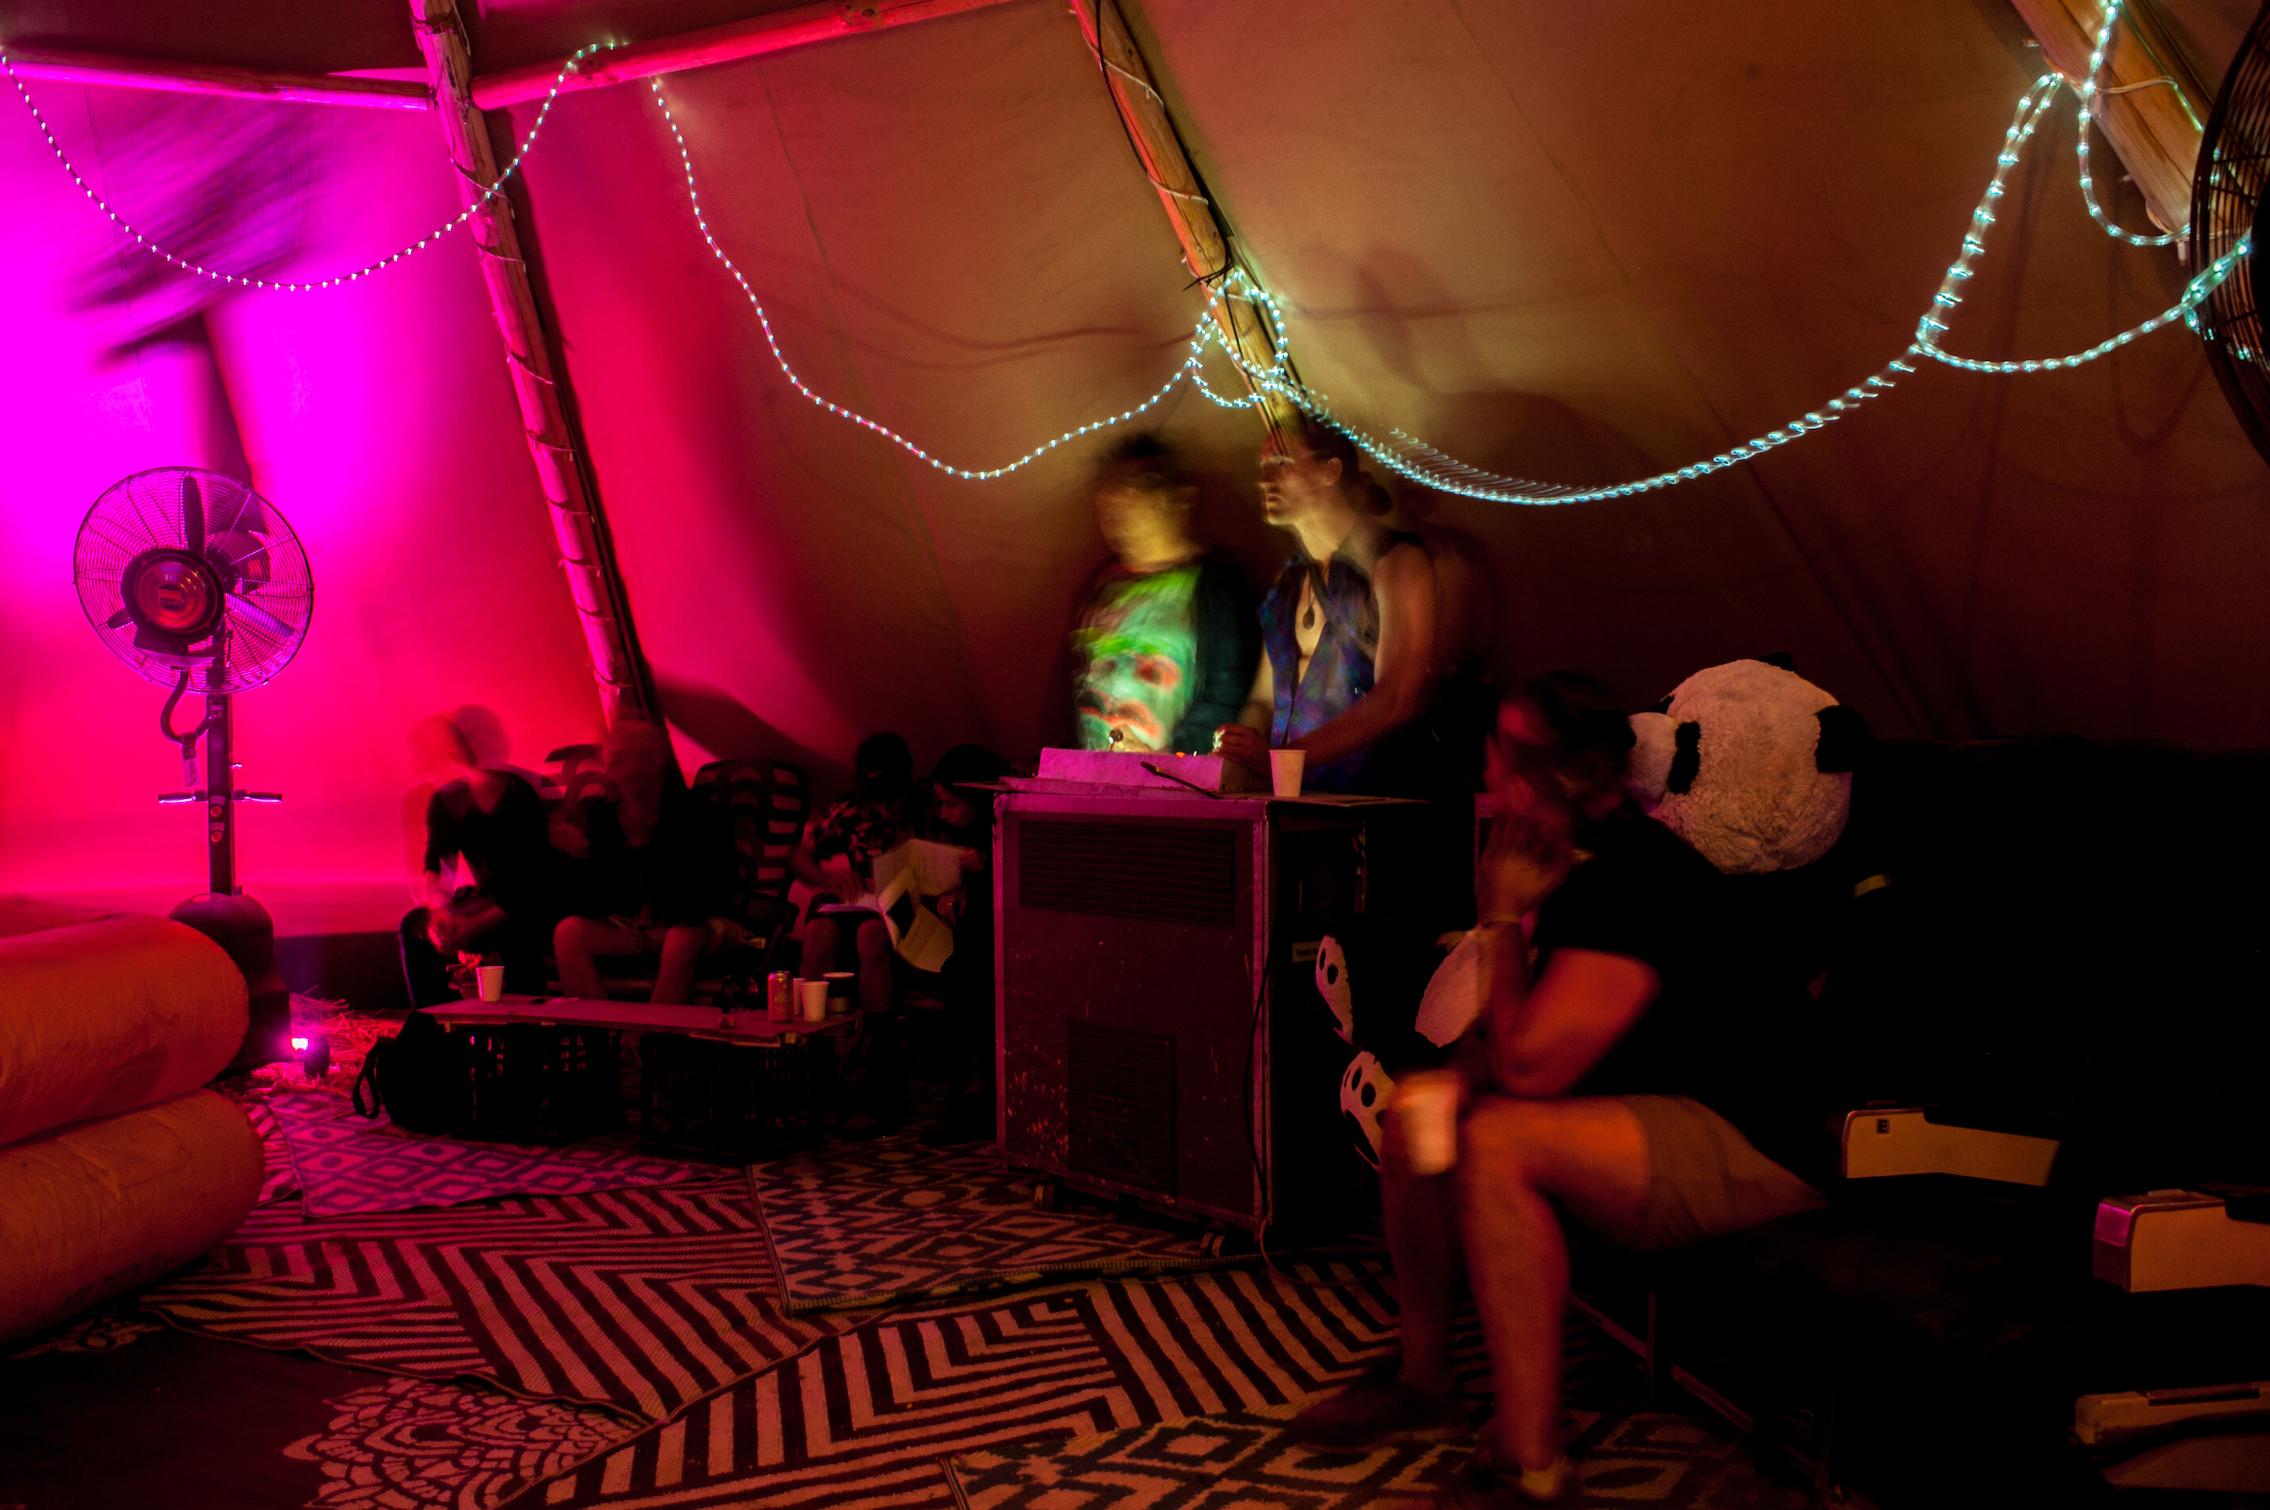 backstage bar trolleyd.jpg